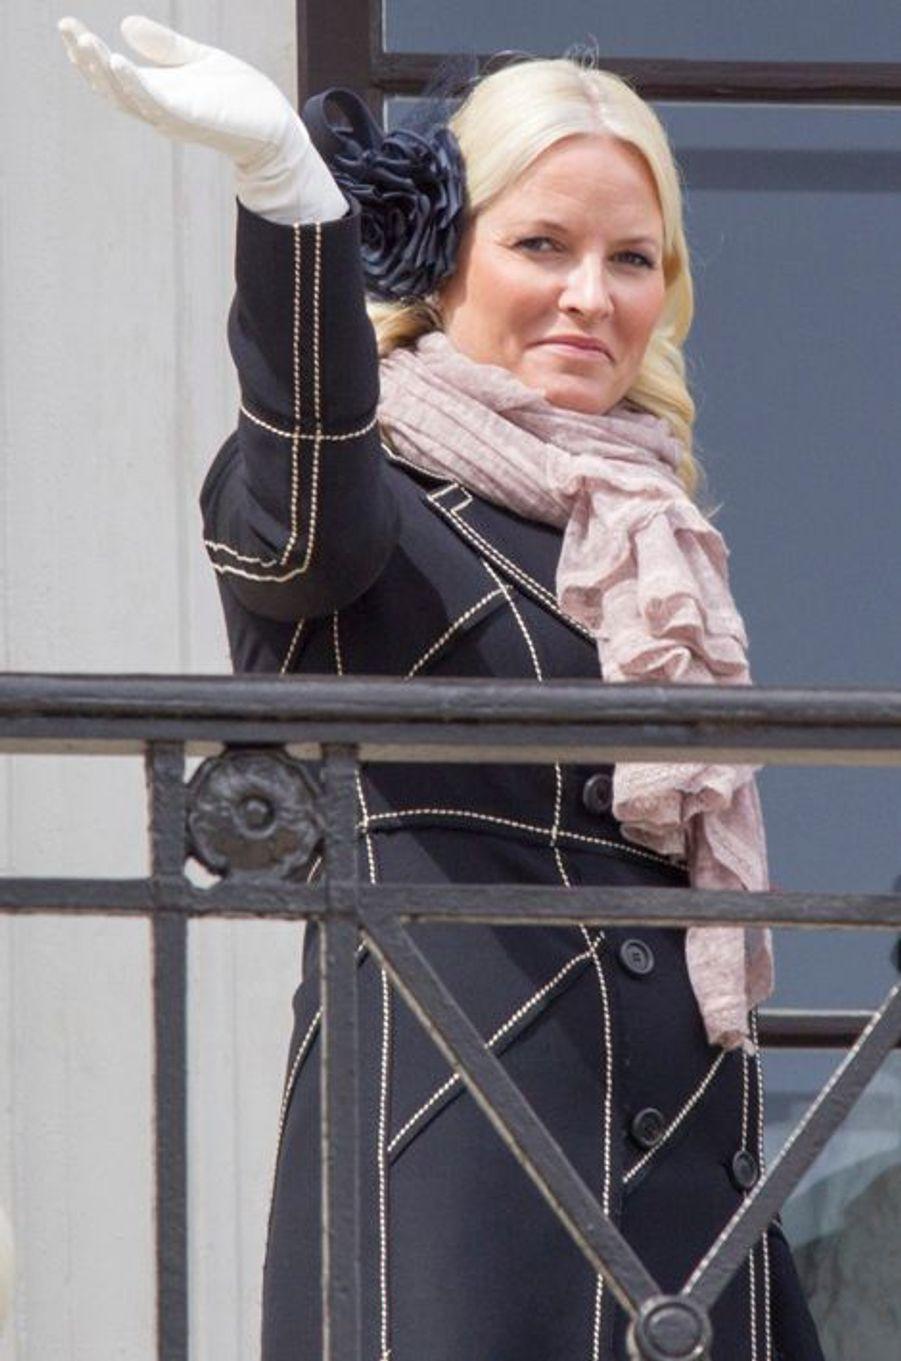 La princesse Mette-Marit de Norvège au balcon du Palais royal à Oslo, le 17 mai 2015